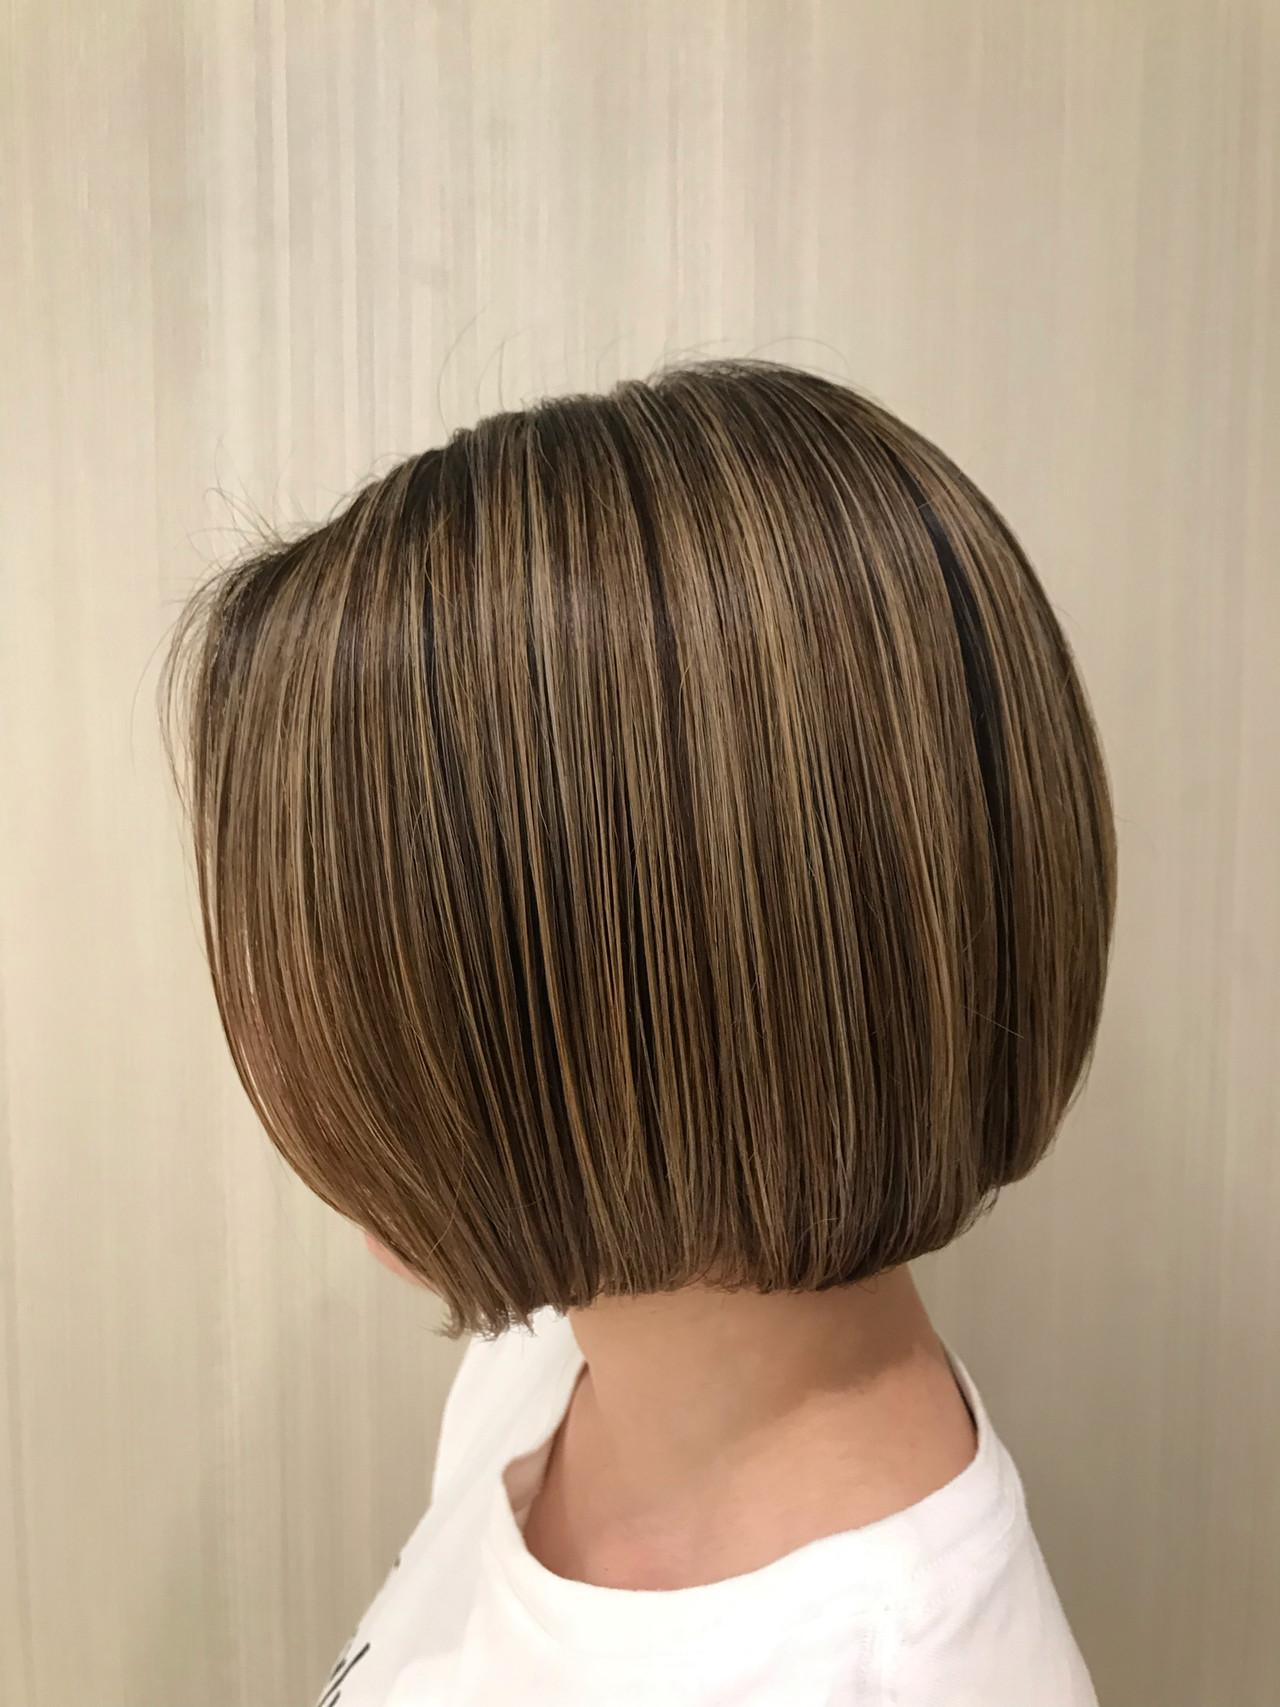 ボブ 簡単スタイリング ハイライト モテボブ ヘアスタイルや髪型の写真・画像